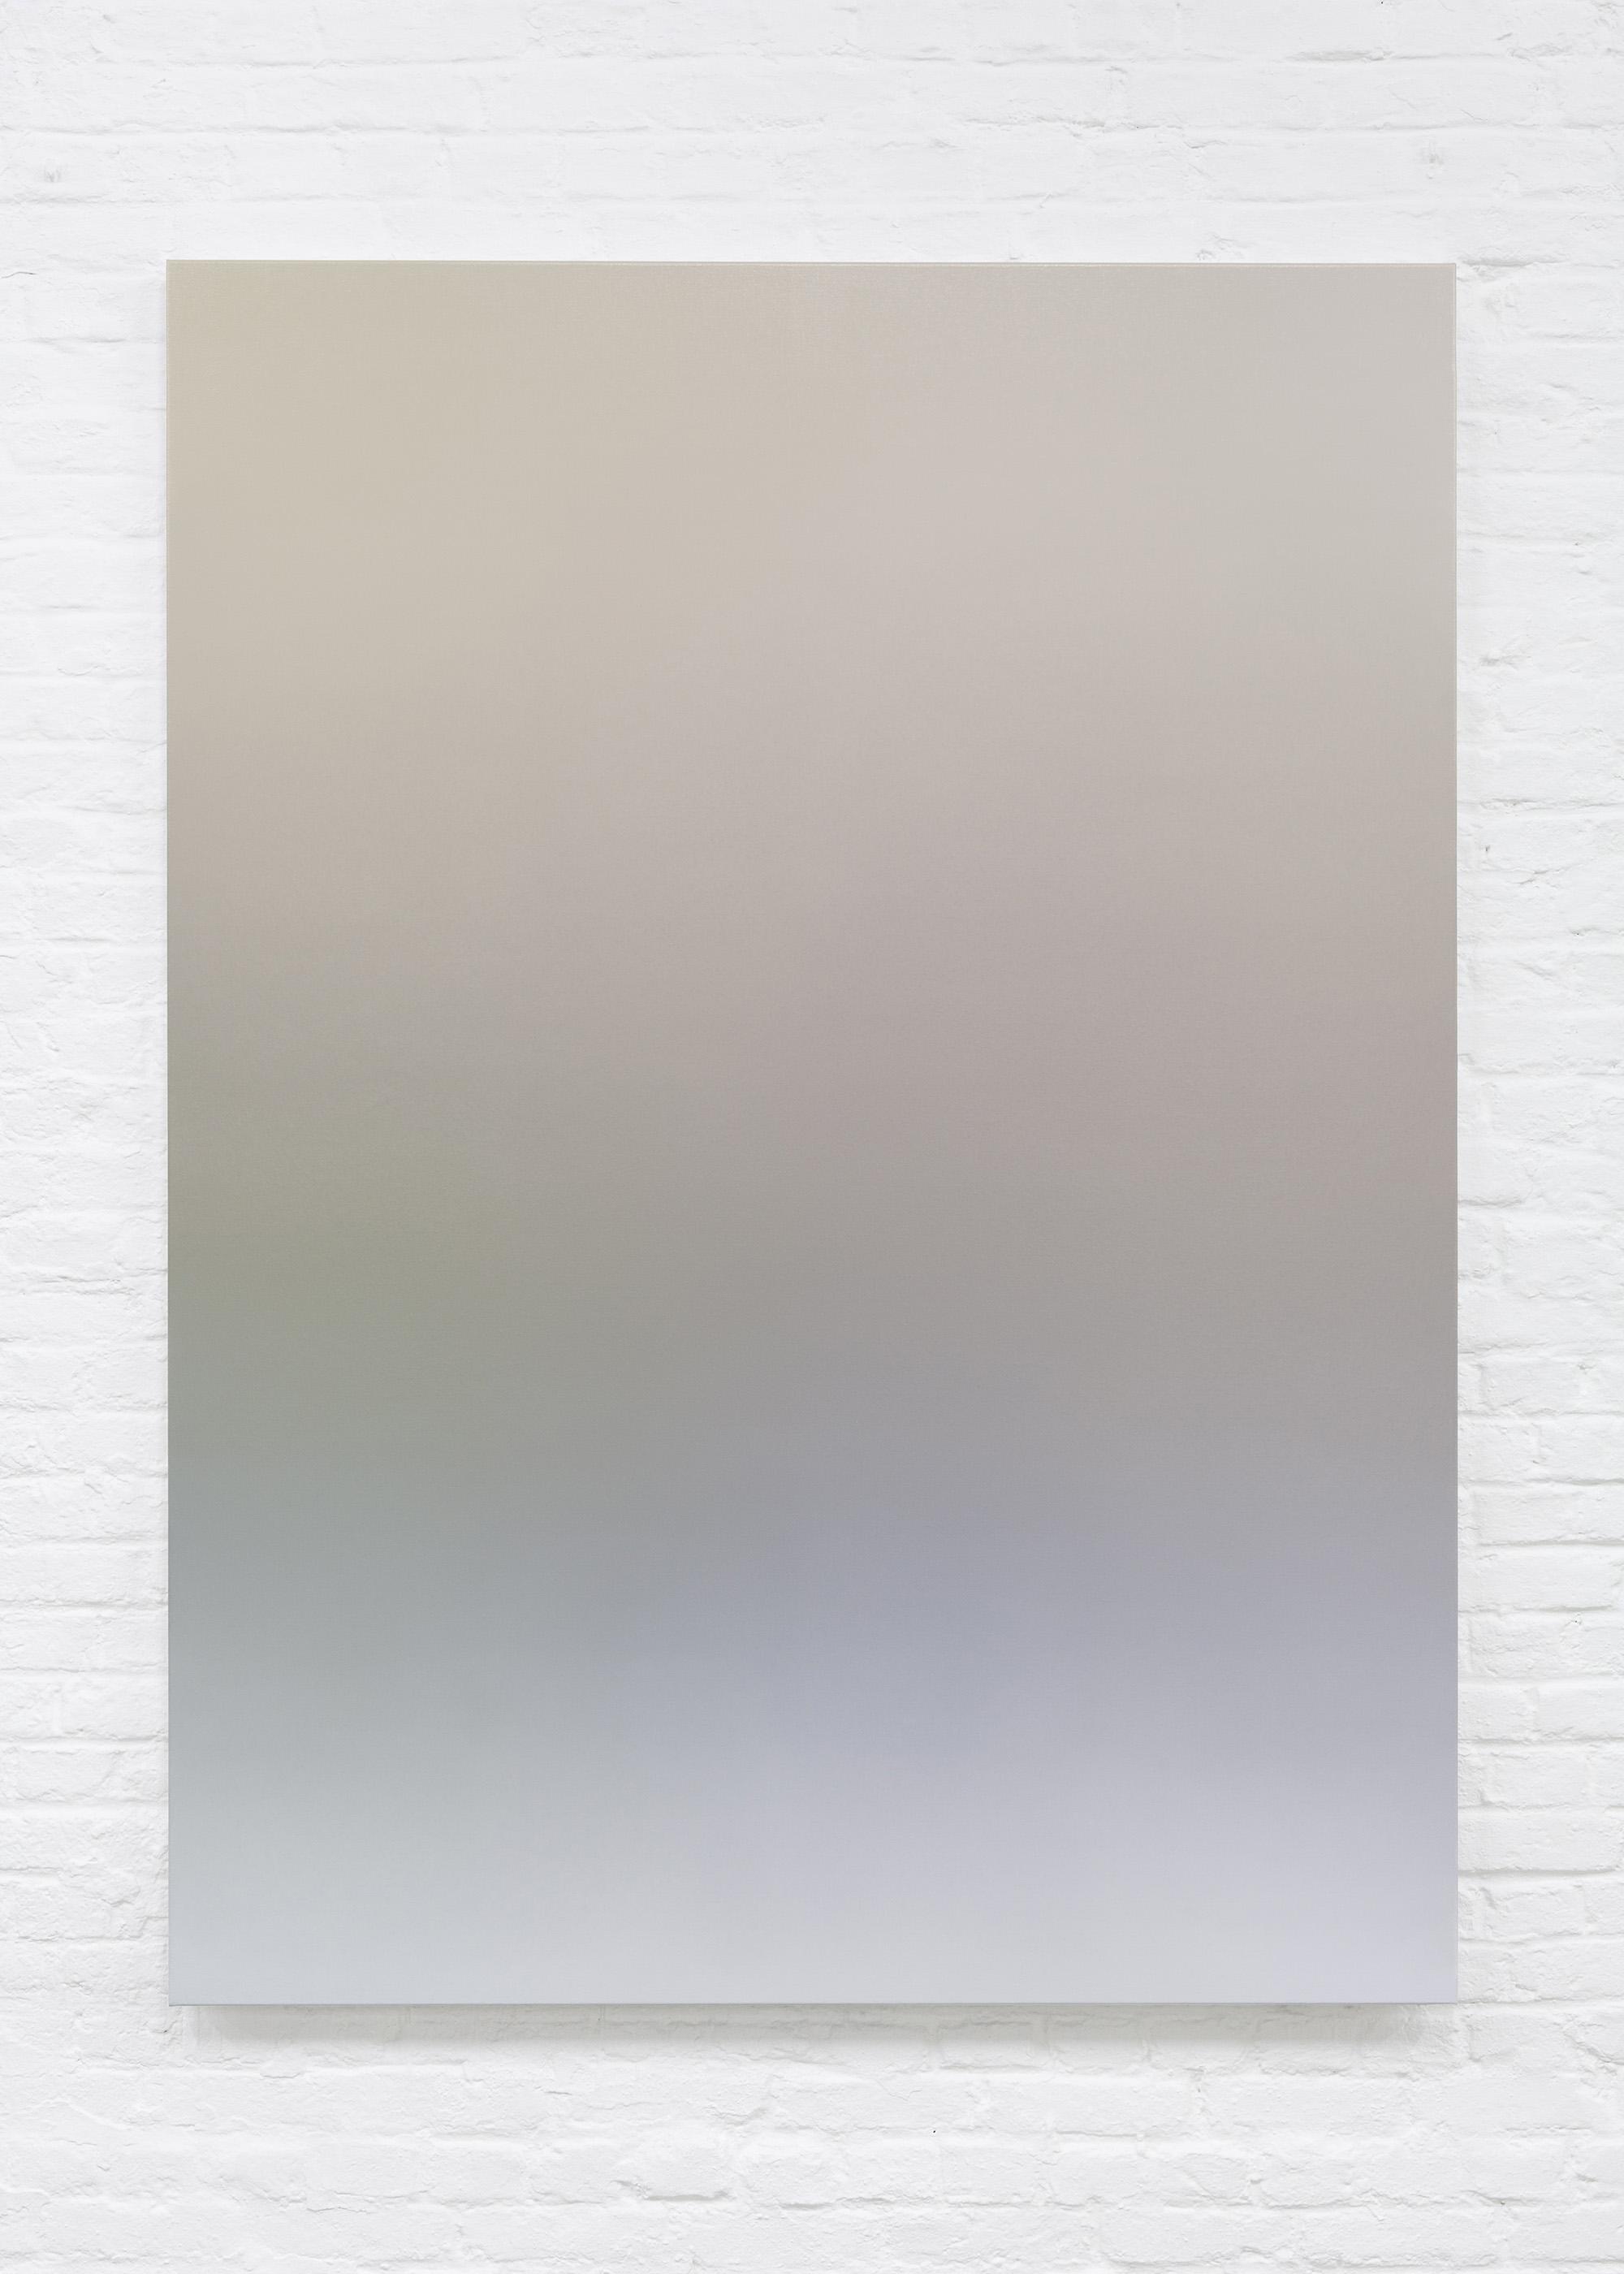 11 - Pieter Vermeersch at Carl Freedman Gallery London